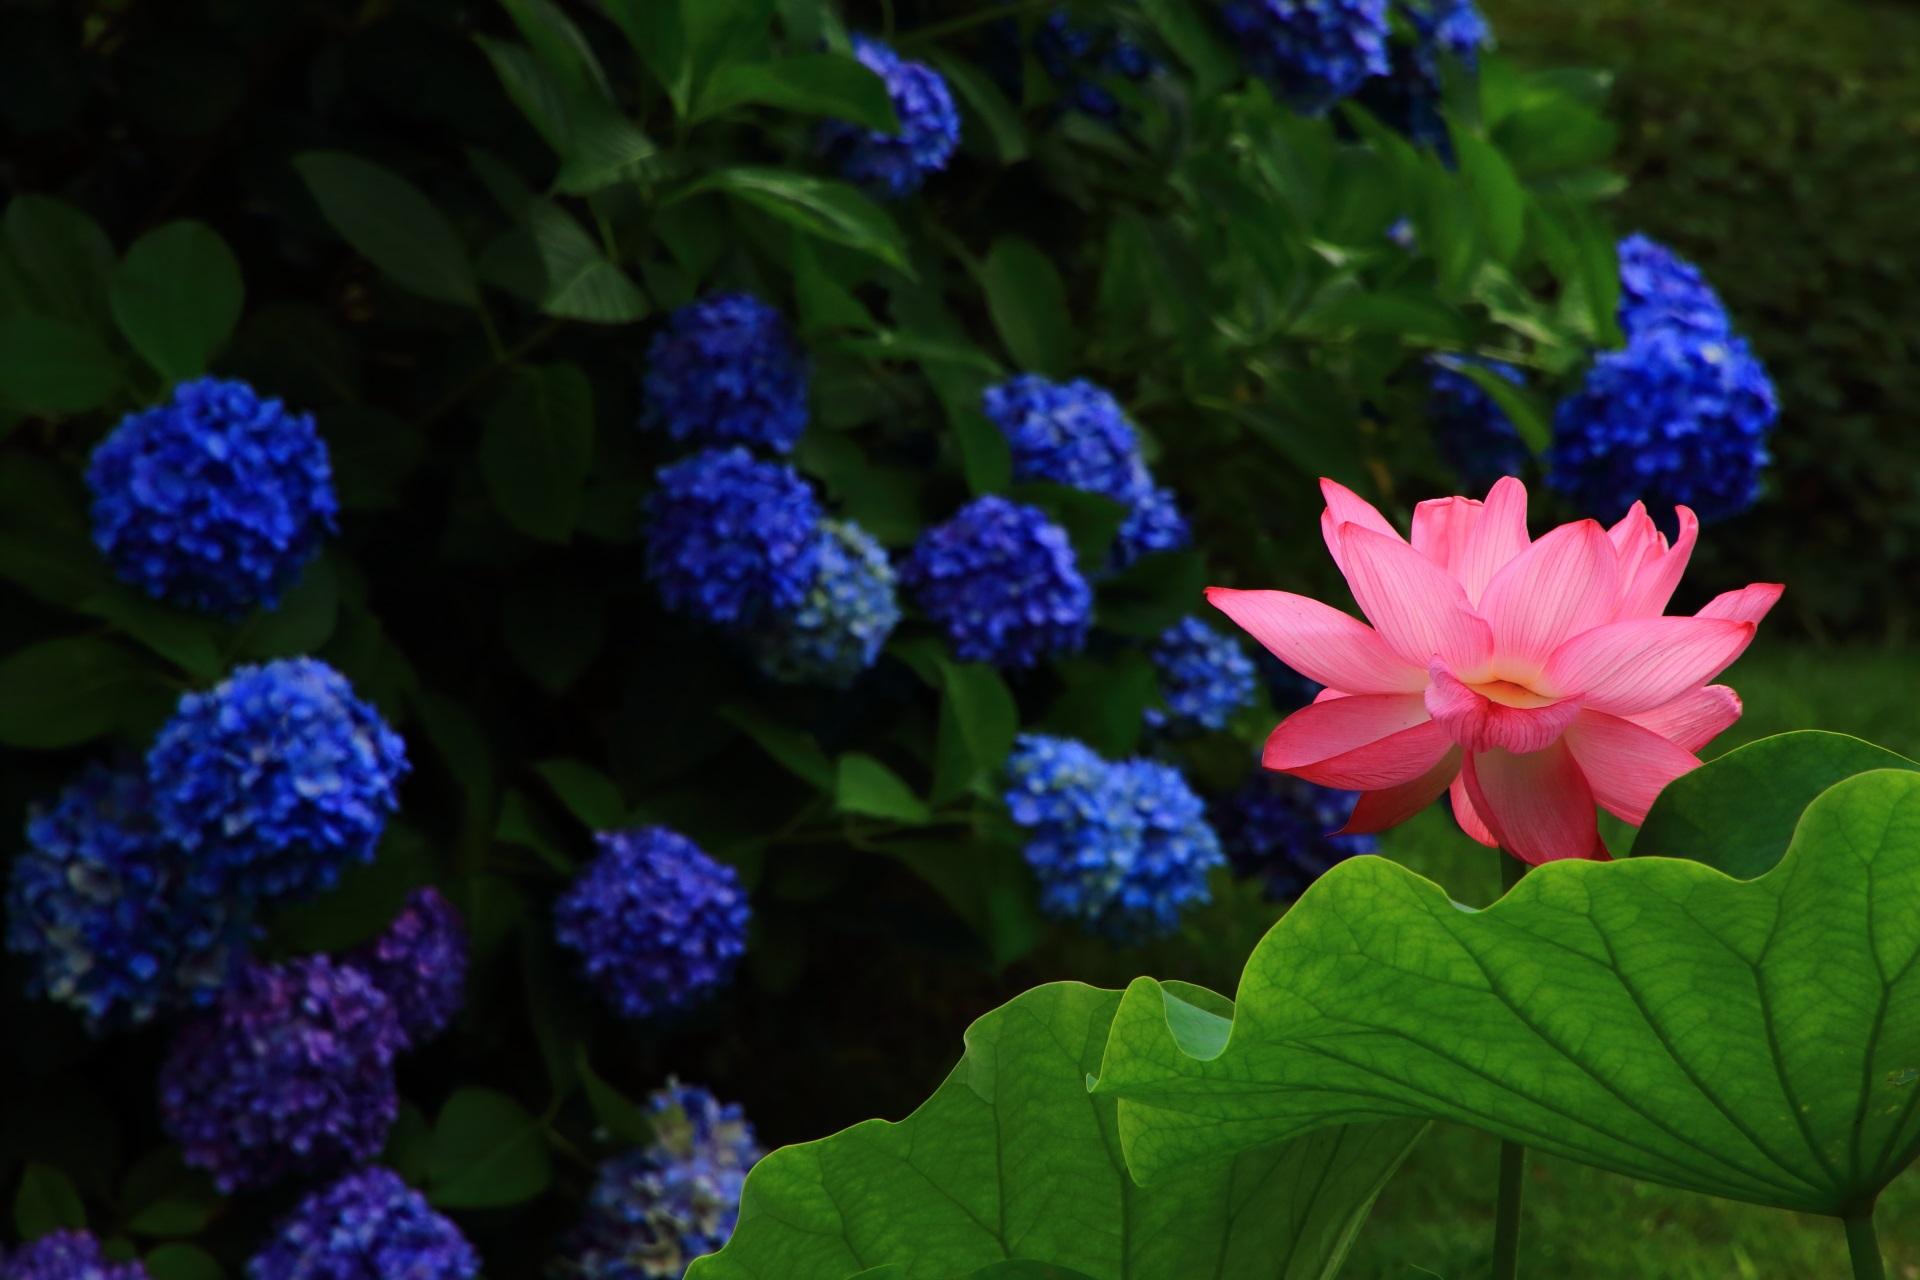 紫陽花の青の中で浮かび上がる幻想的なピンクの蓮の花